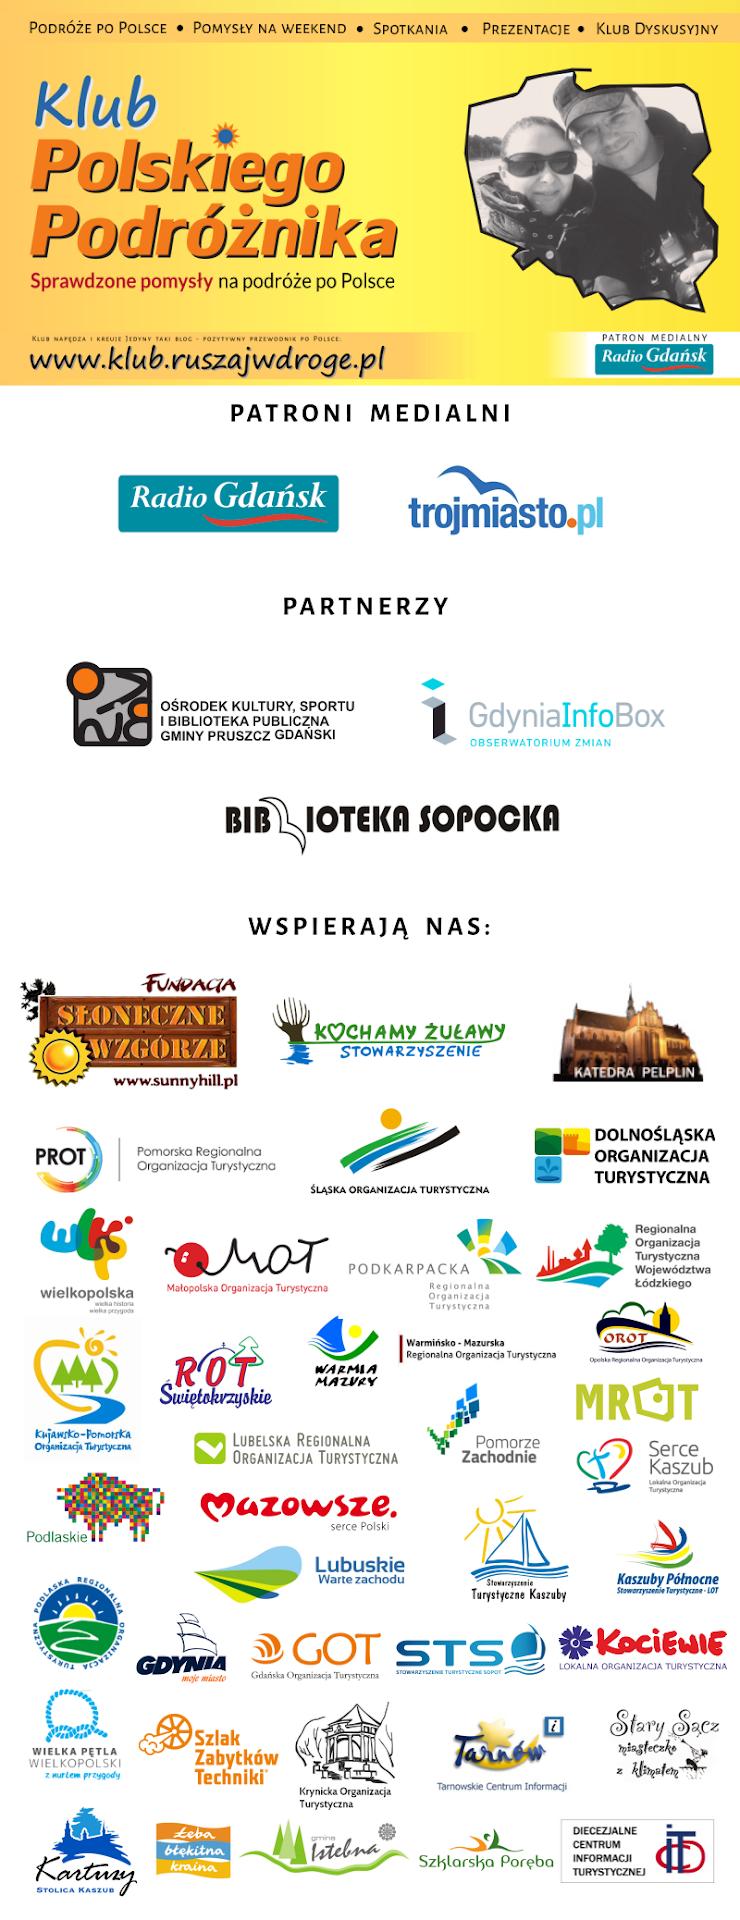 Klub Polskiego Podróżnika wspierają